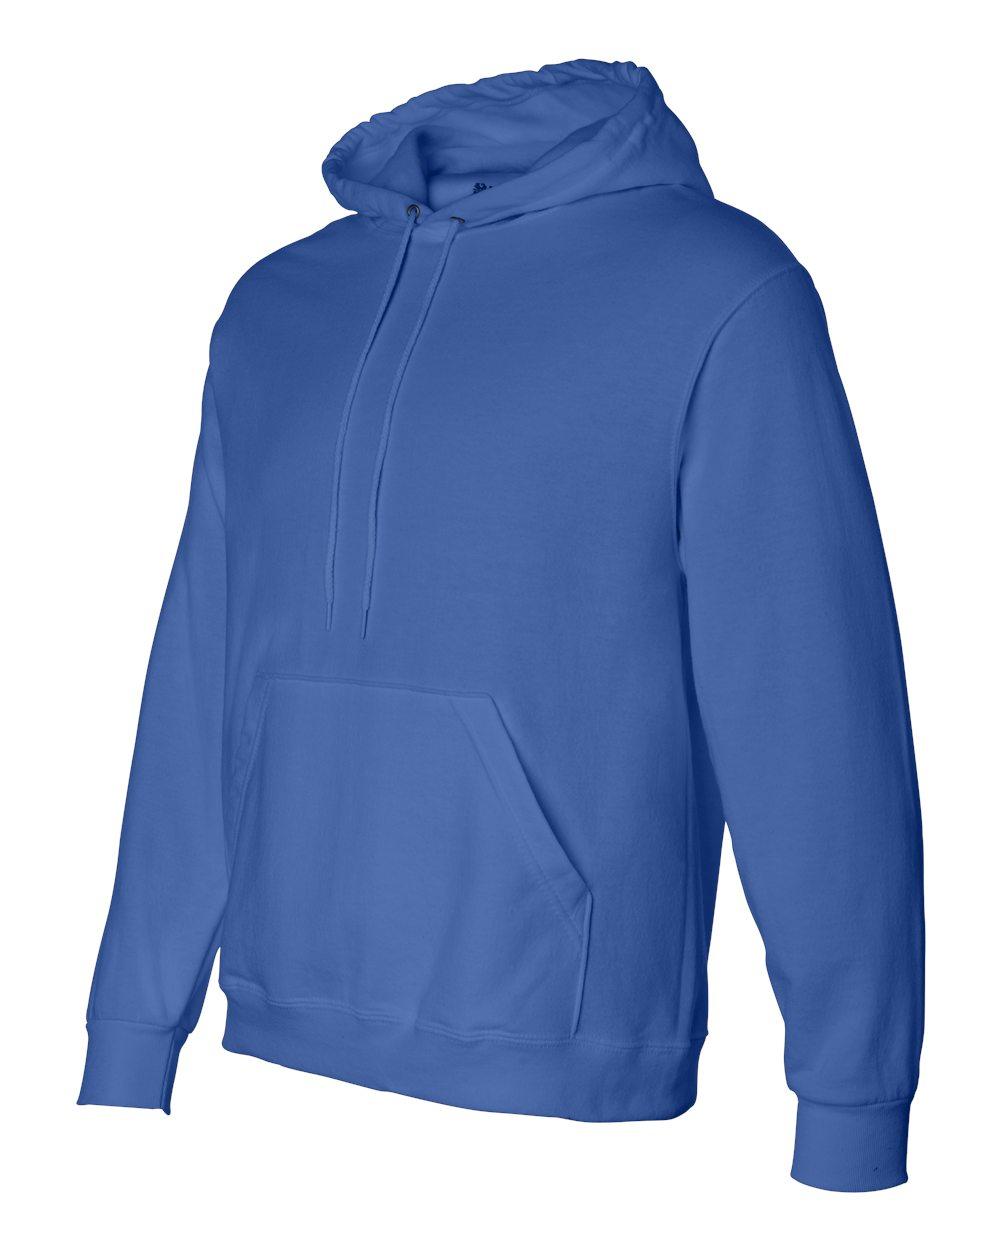 Fruit of the Loom 1630R Best 50/50 Sweatshirt